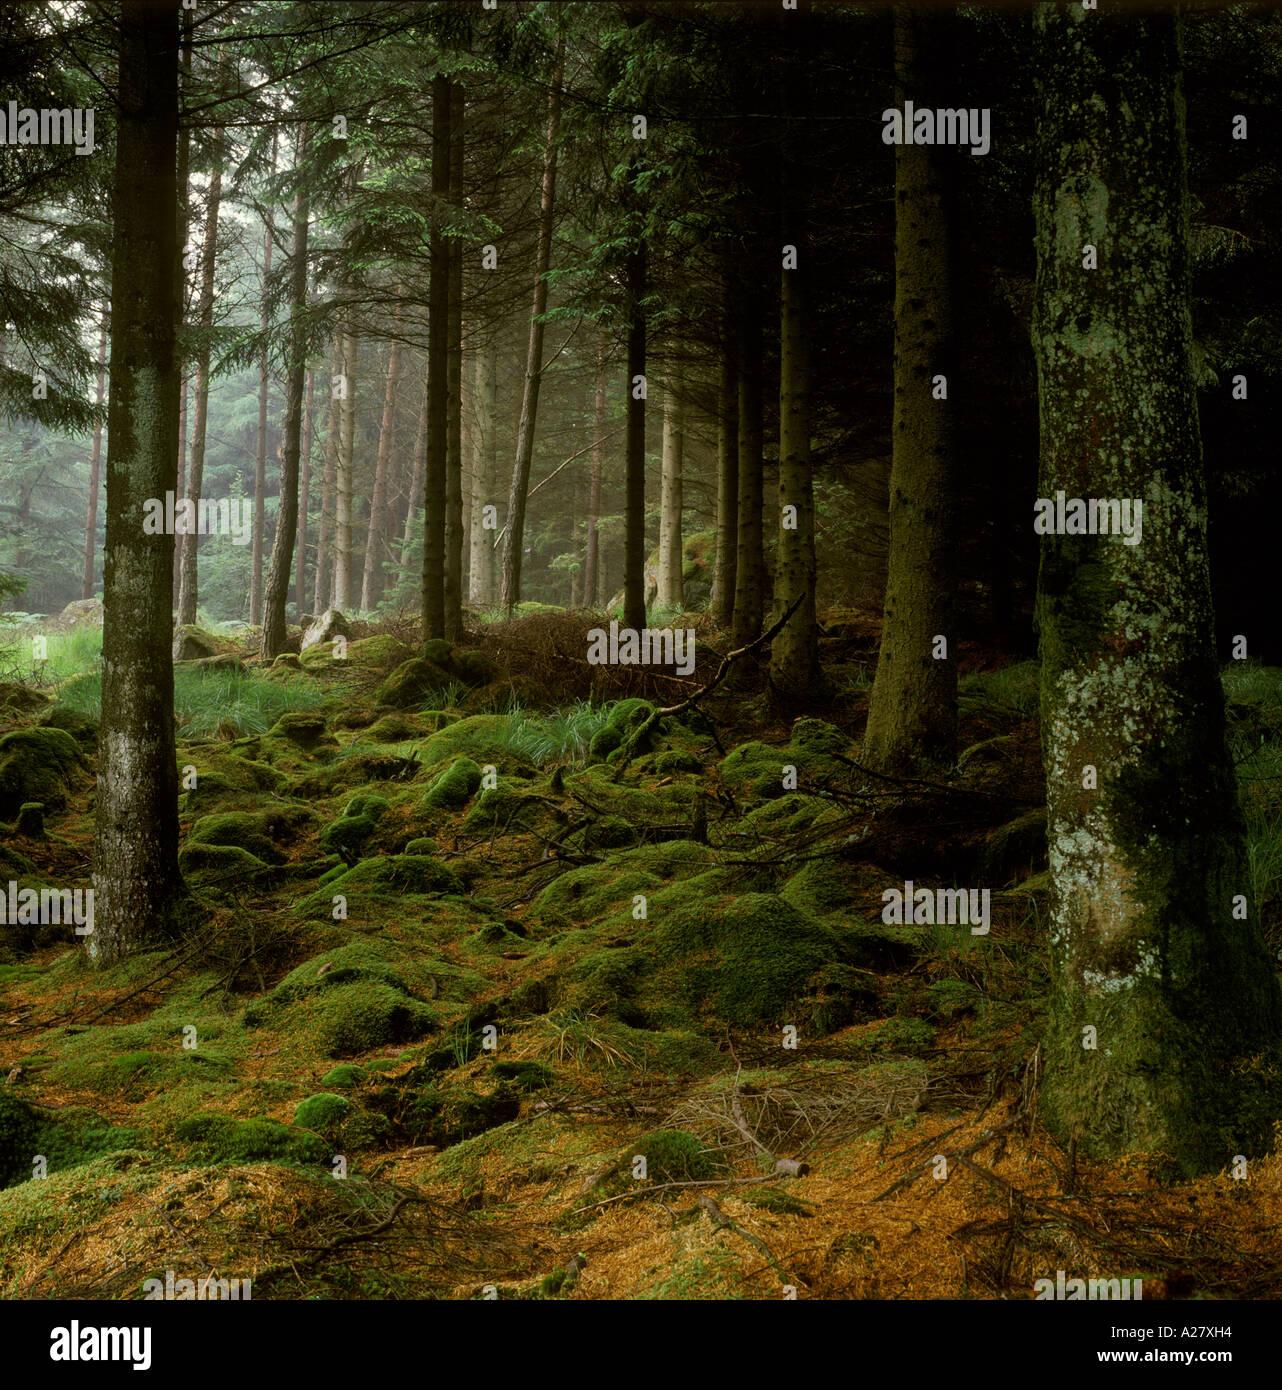 Rocas cubiertas de musgo en el bosque Escocés Imagen De Stock